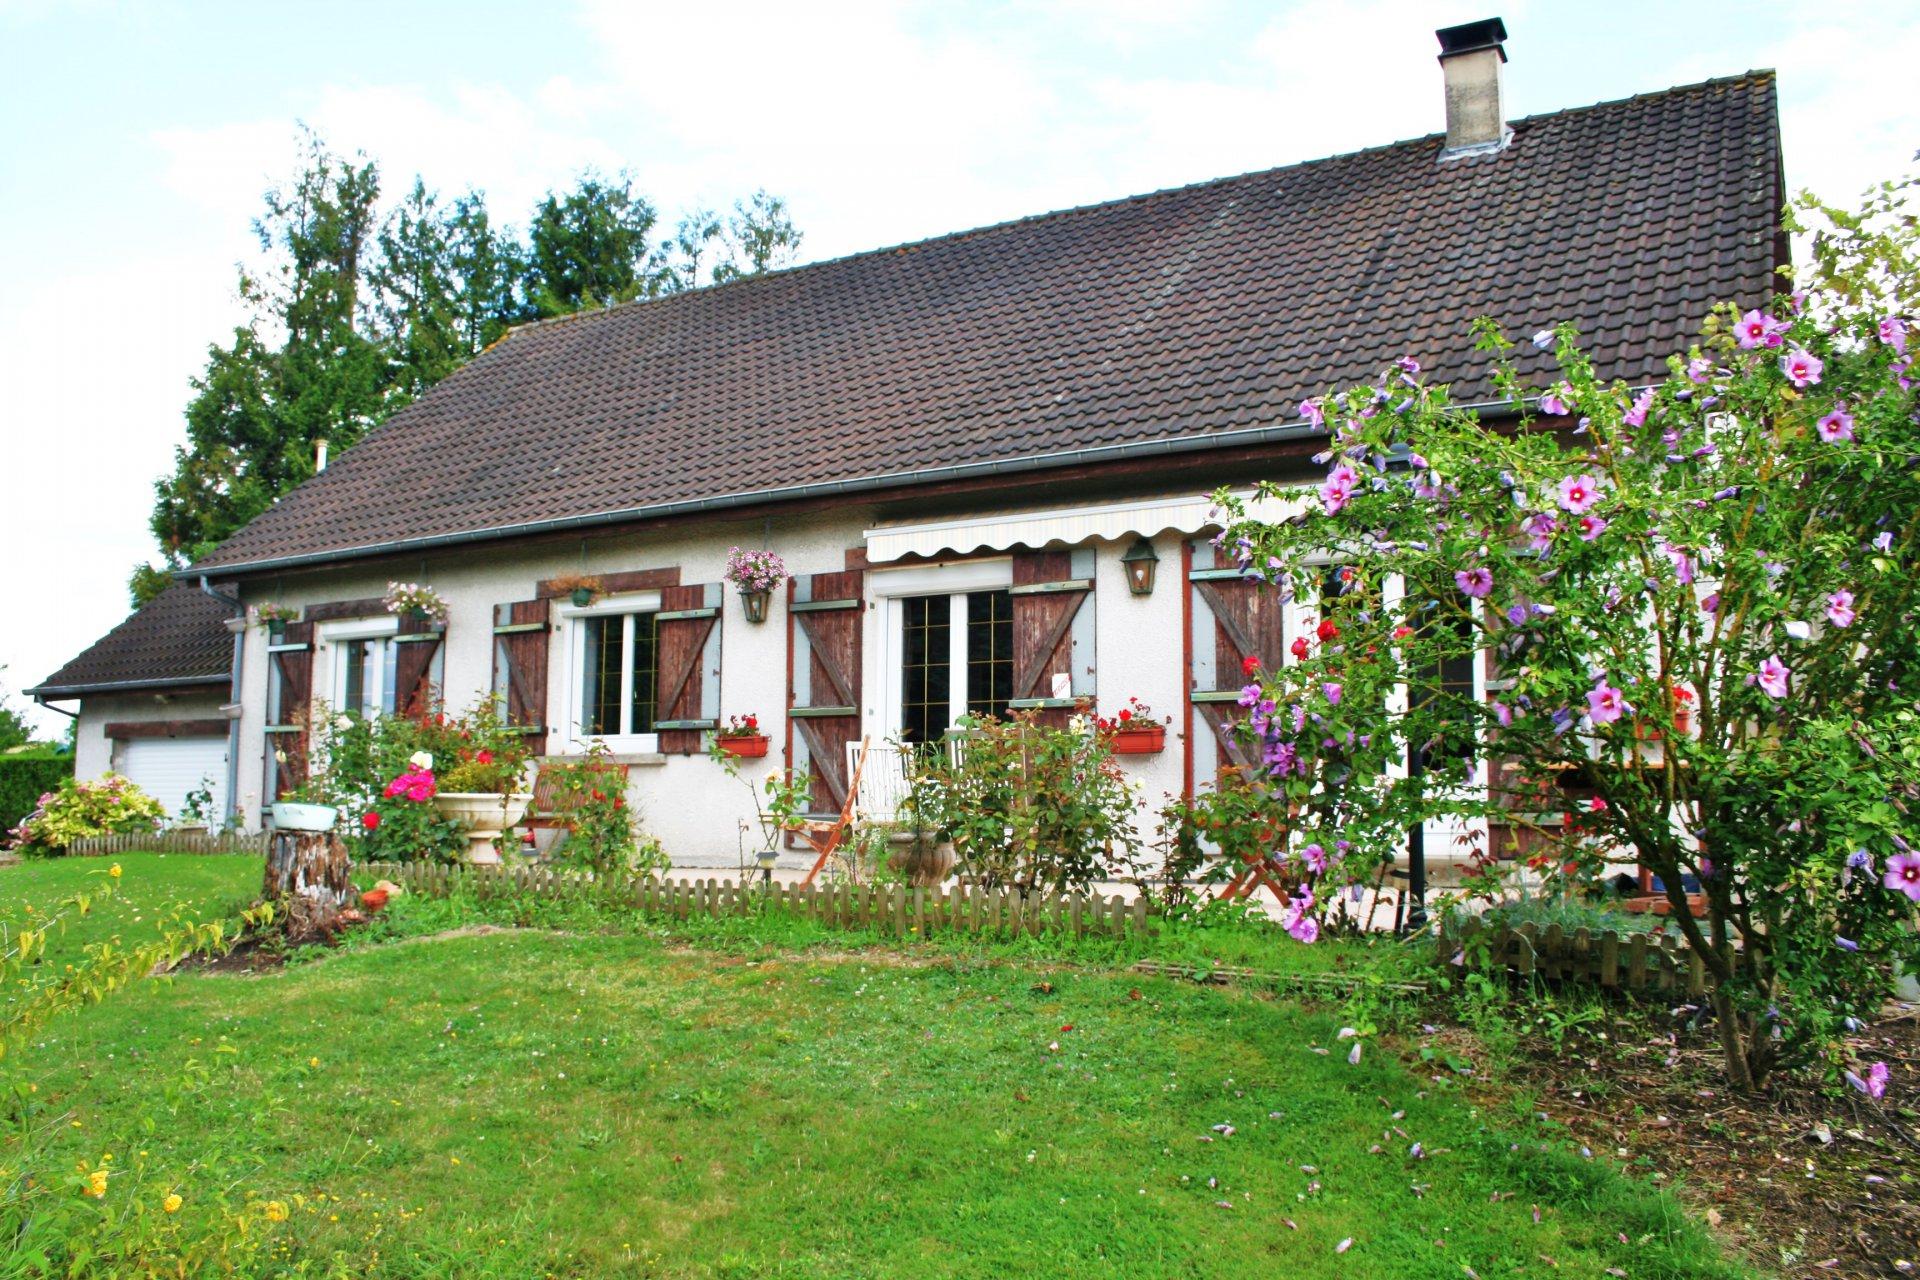 Maison à vendre à Venables 27940